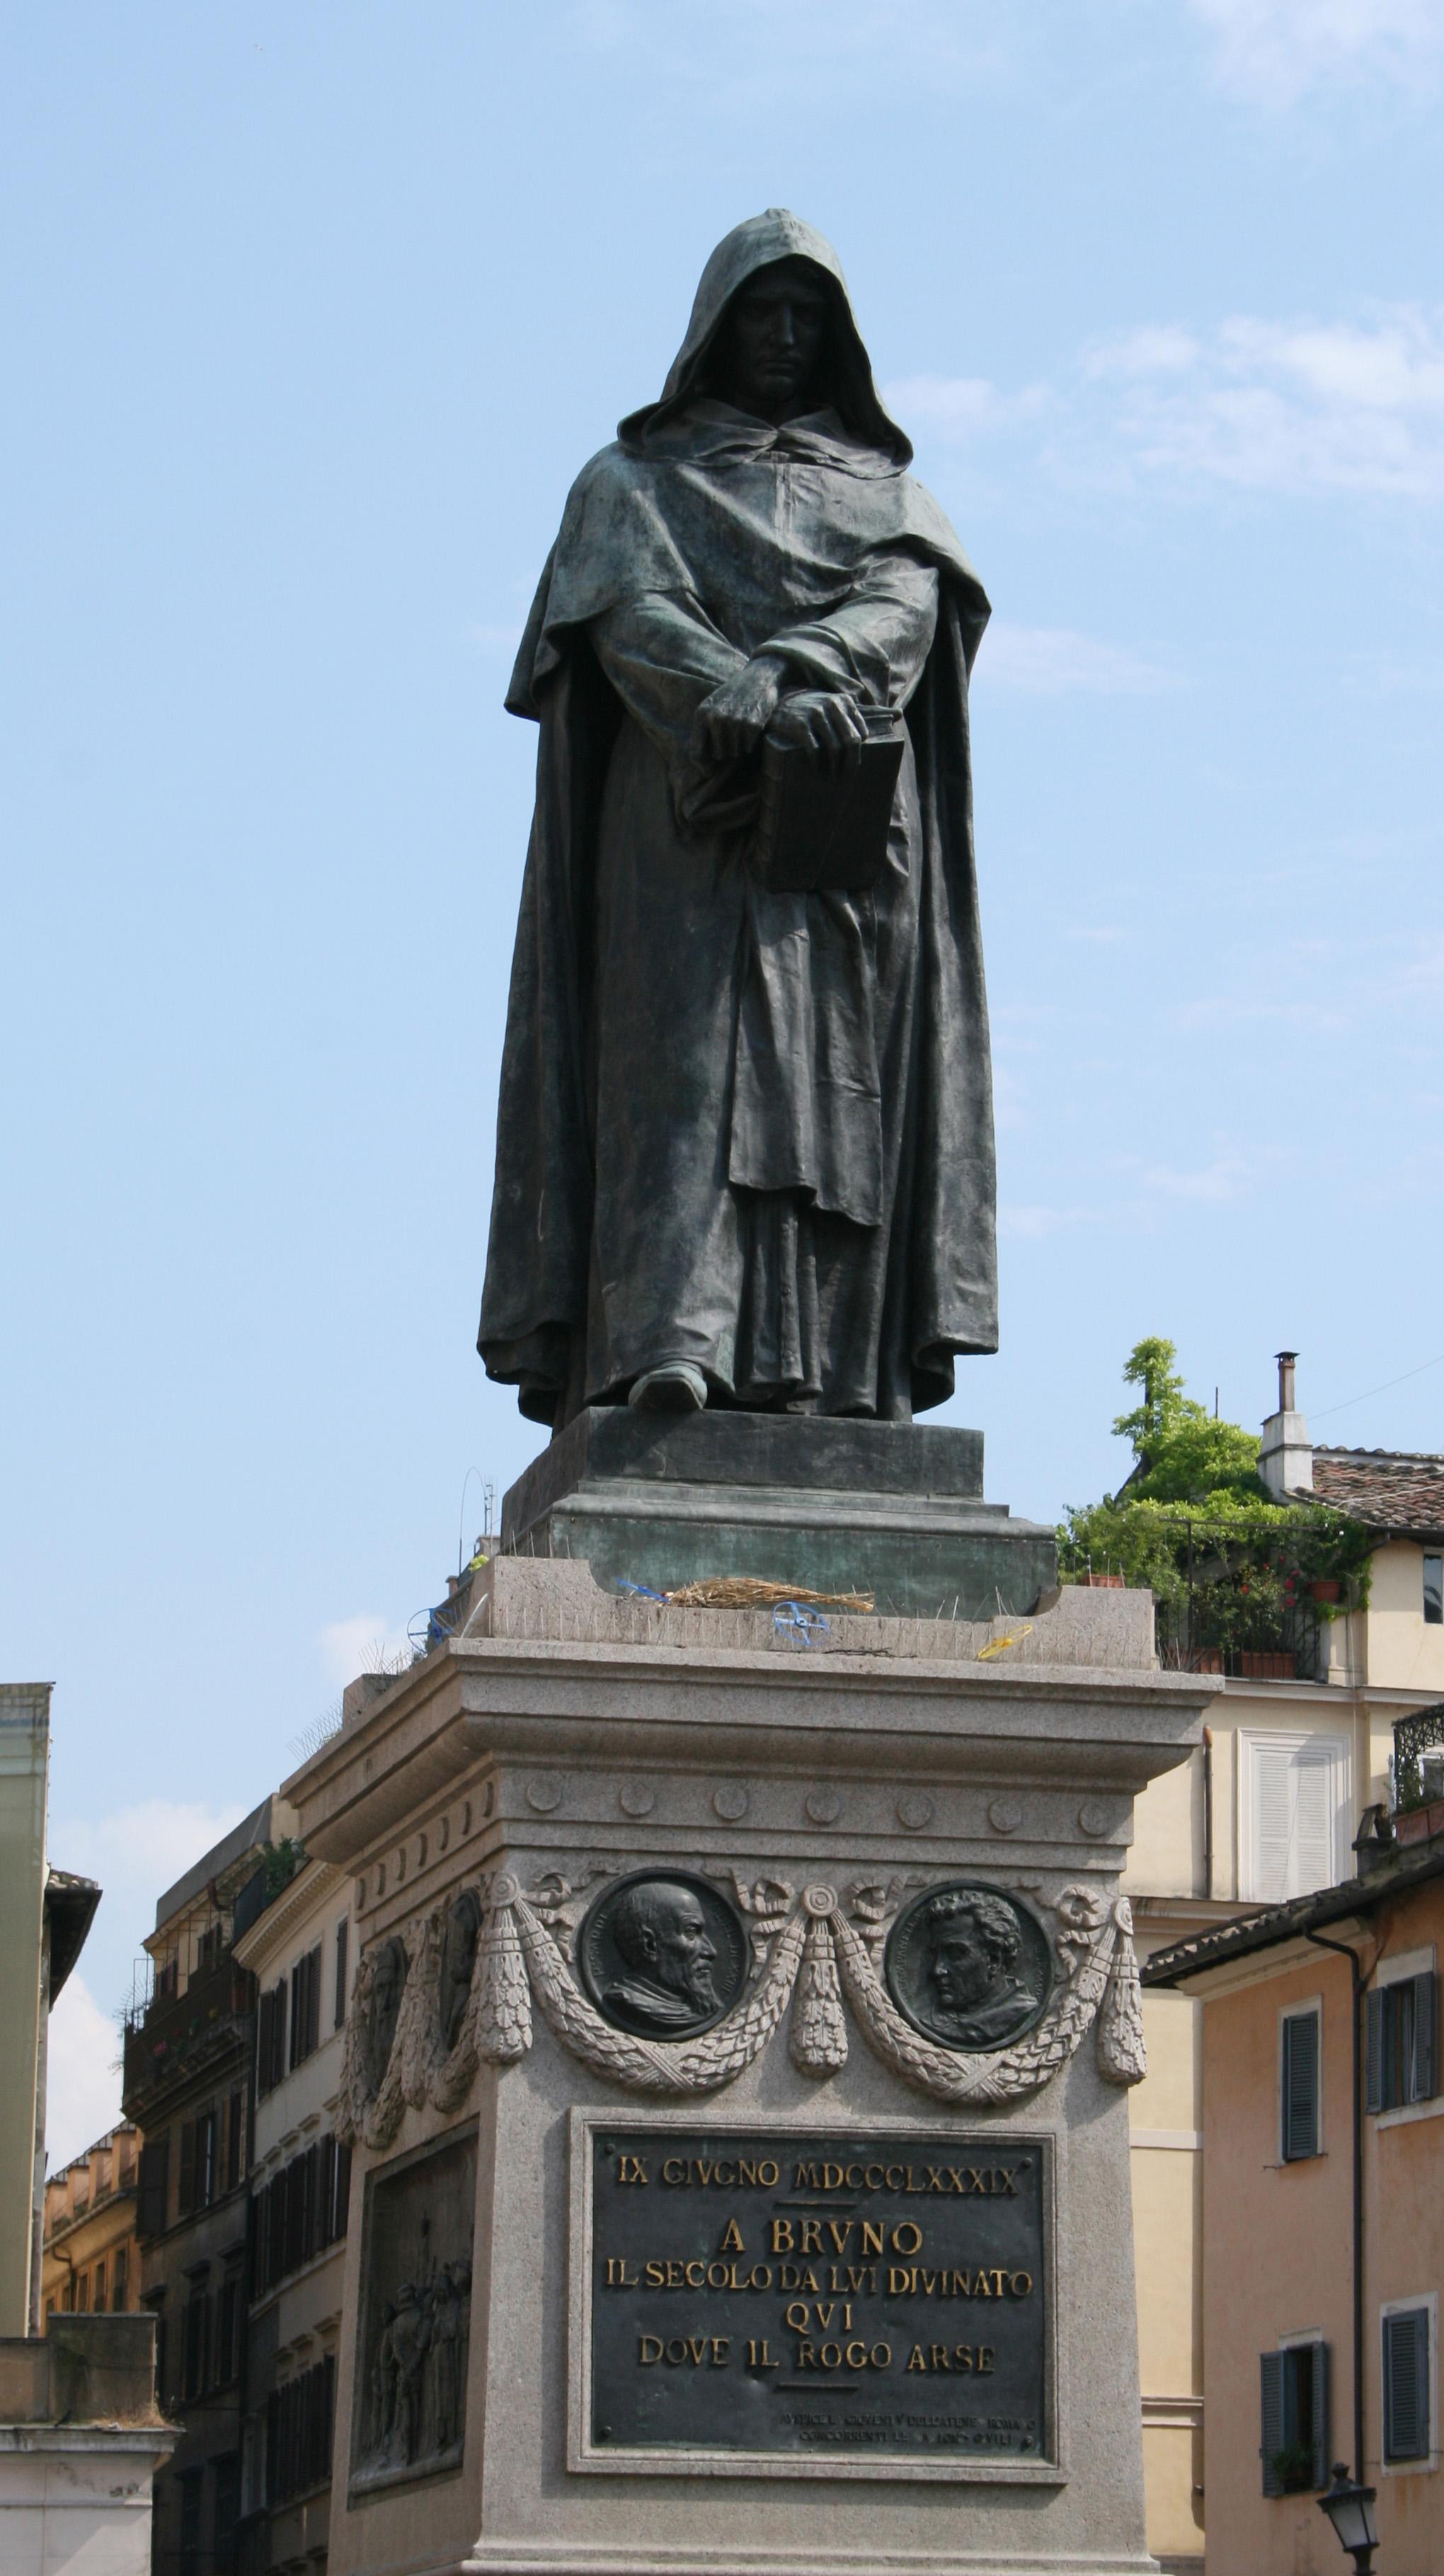 File:Rome statue Giordano Bruno Campo dei Fiori.jpg - Wikimedia Commons